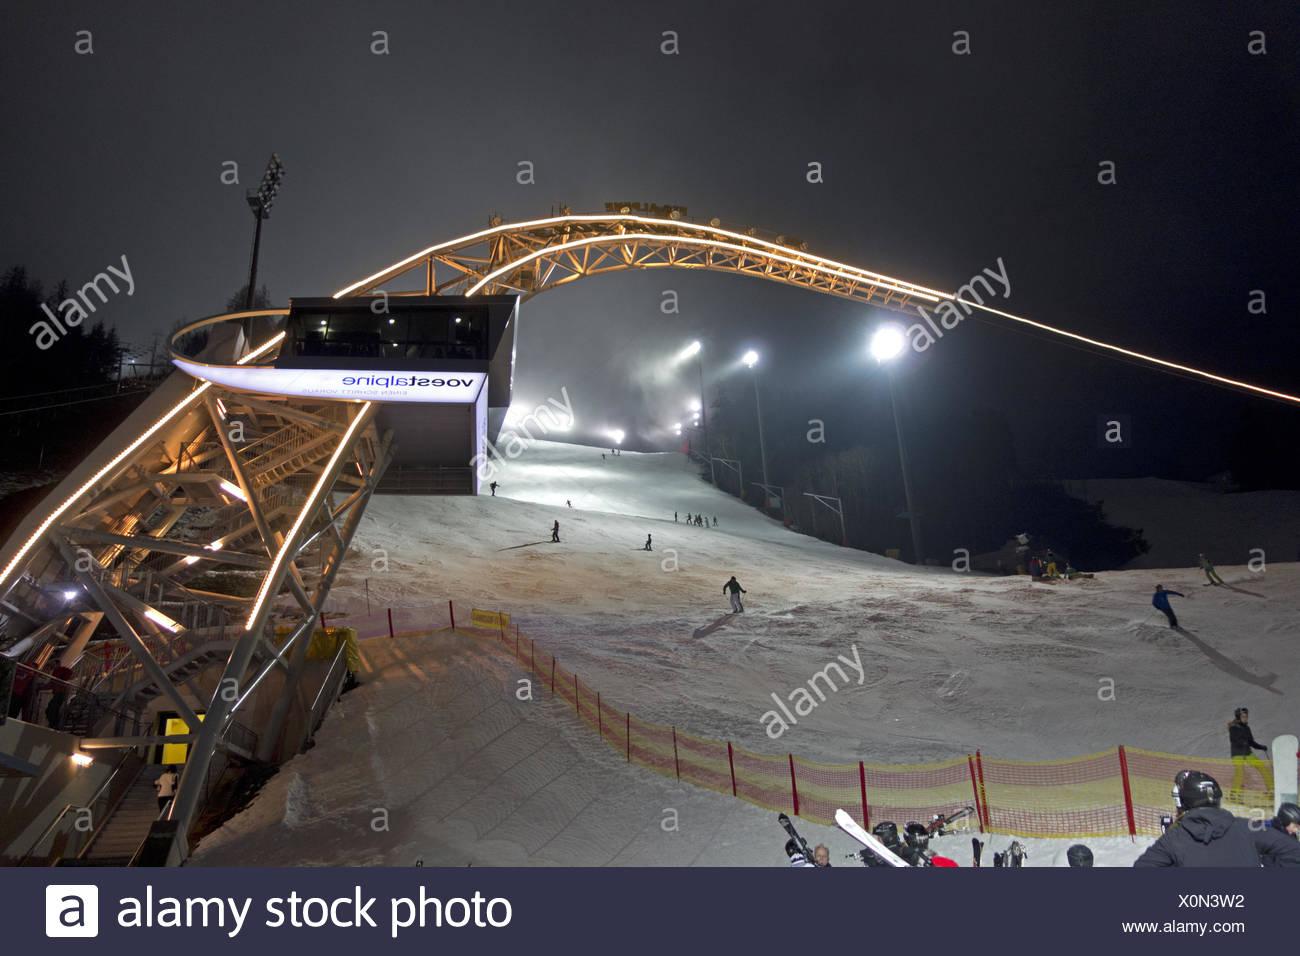 Skiing at Planai - Stock Image